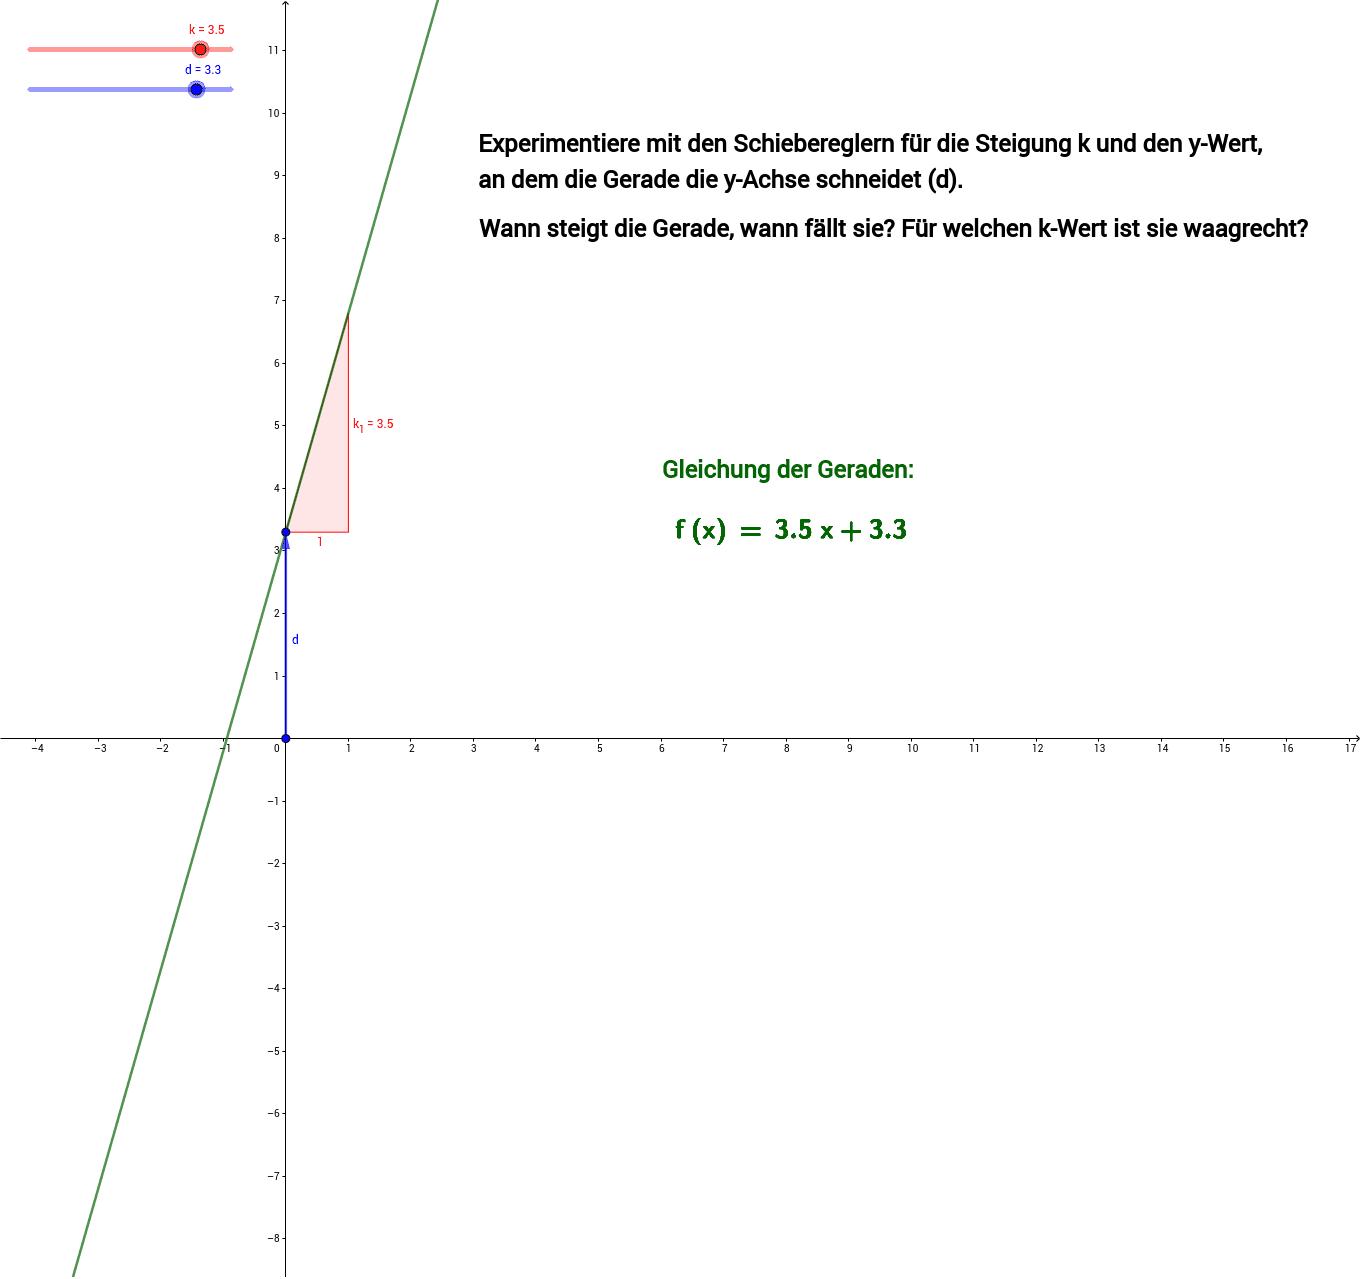 Die allgemeine Gleichung der Geraden ist f(x)=k*x+d. Drücke die Eingabetaste um die Aktivität zu starten